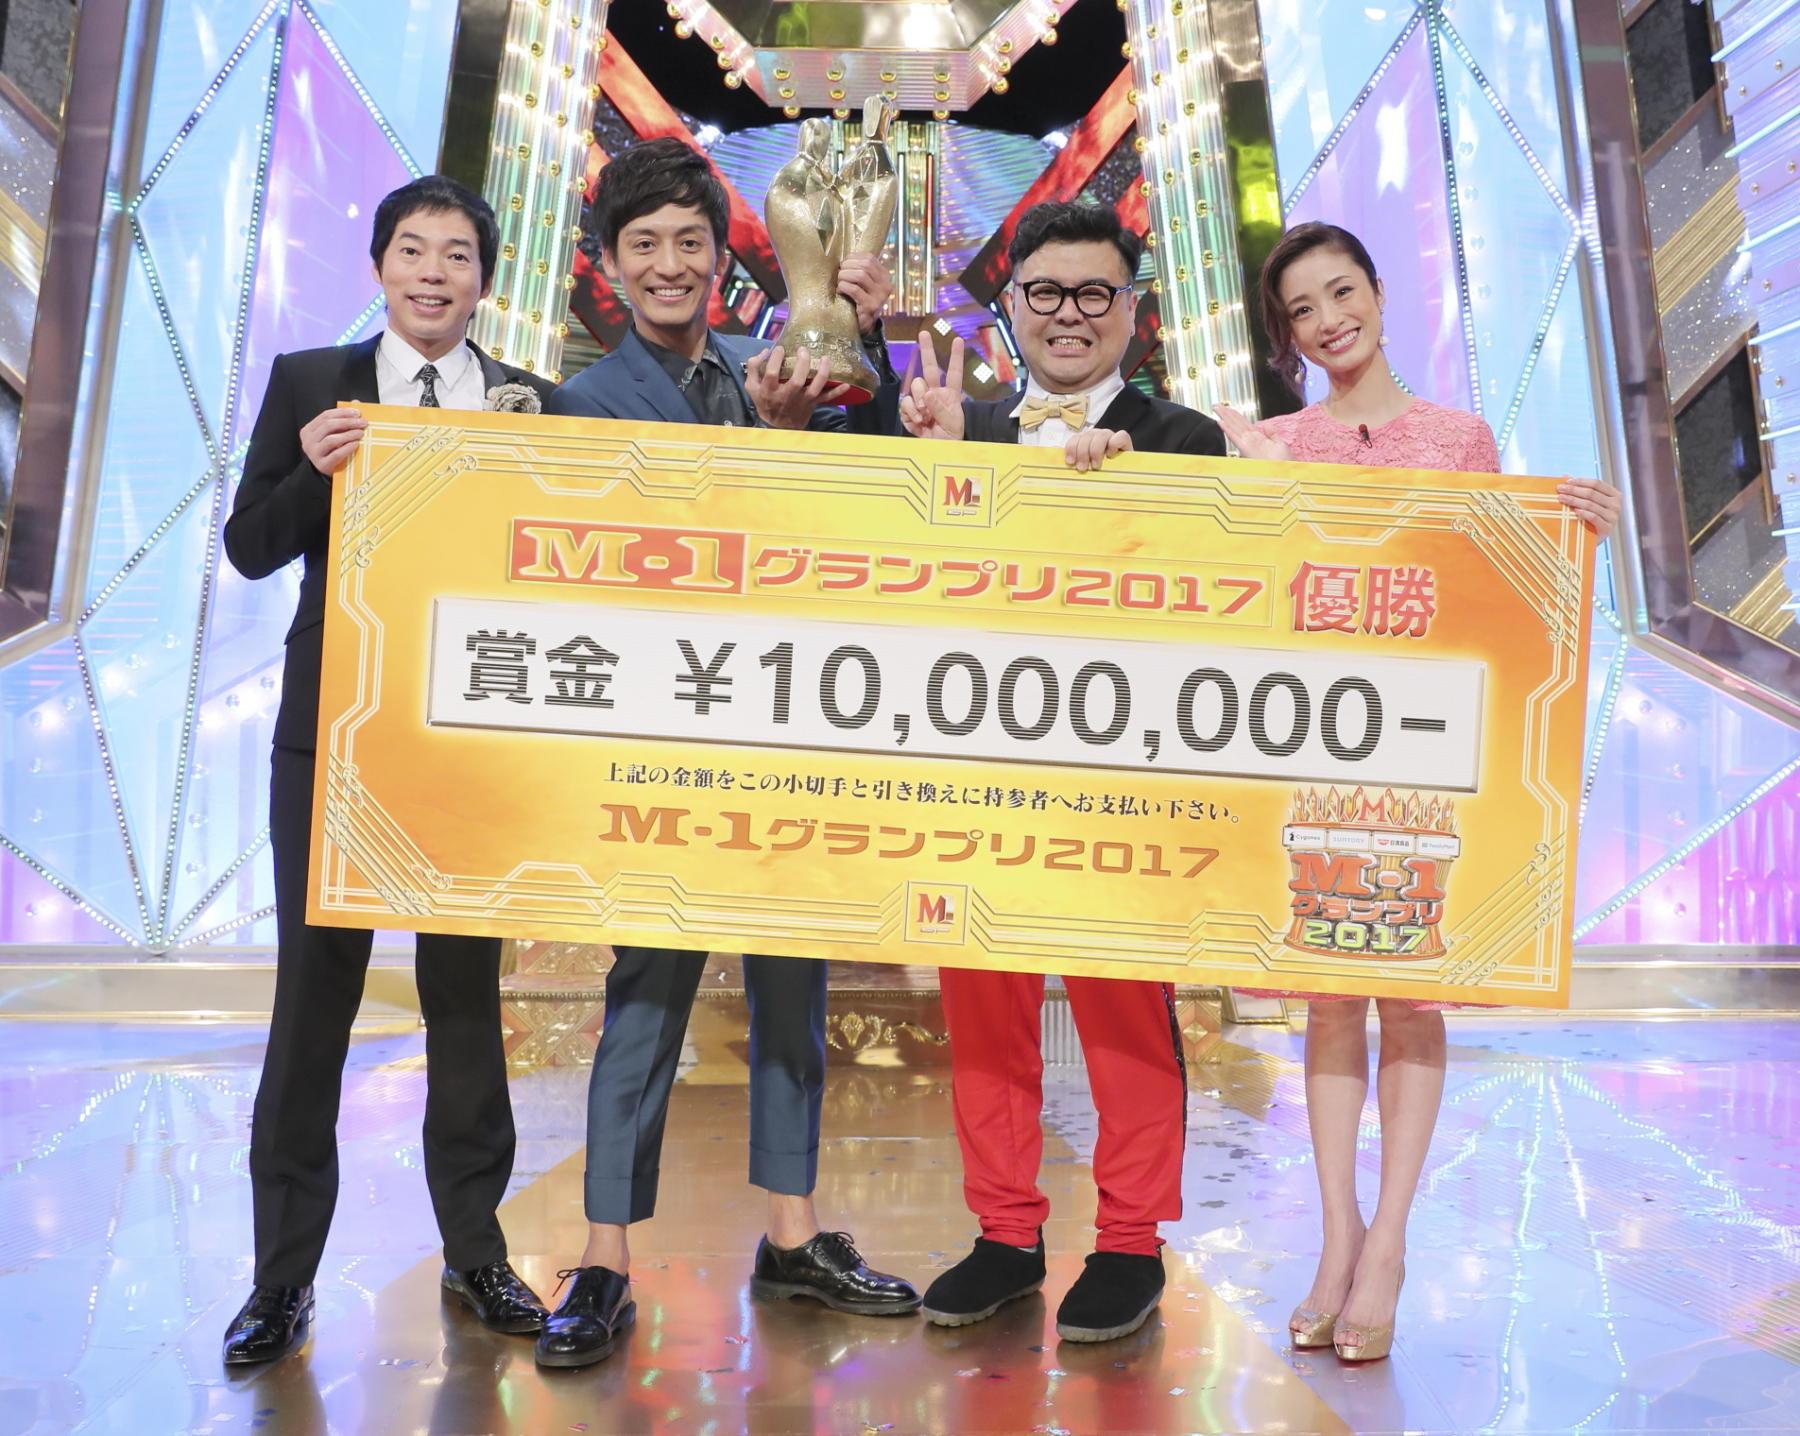 http://news.yoshimoto.co.jp/20171204151219-f8854ba3f0478435d51e5c31dfd7604a422b08b1.jpg